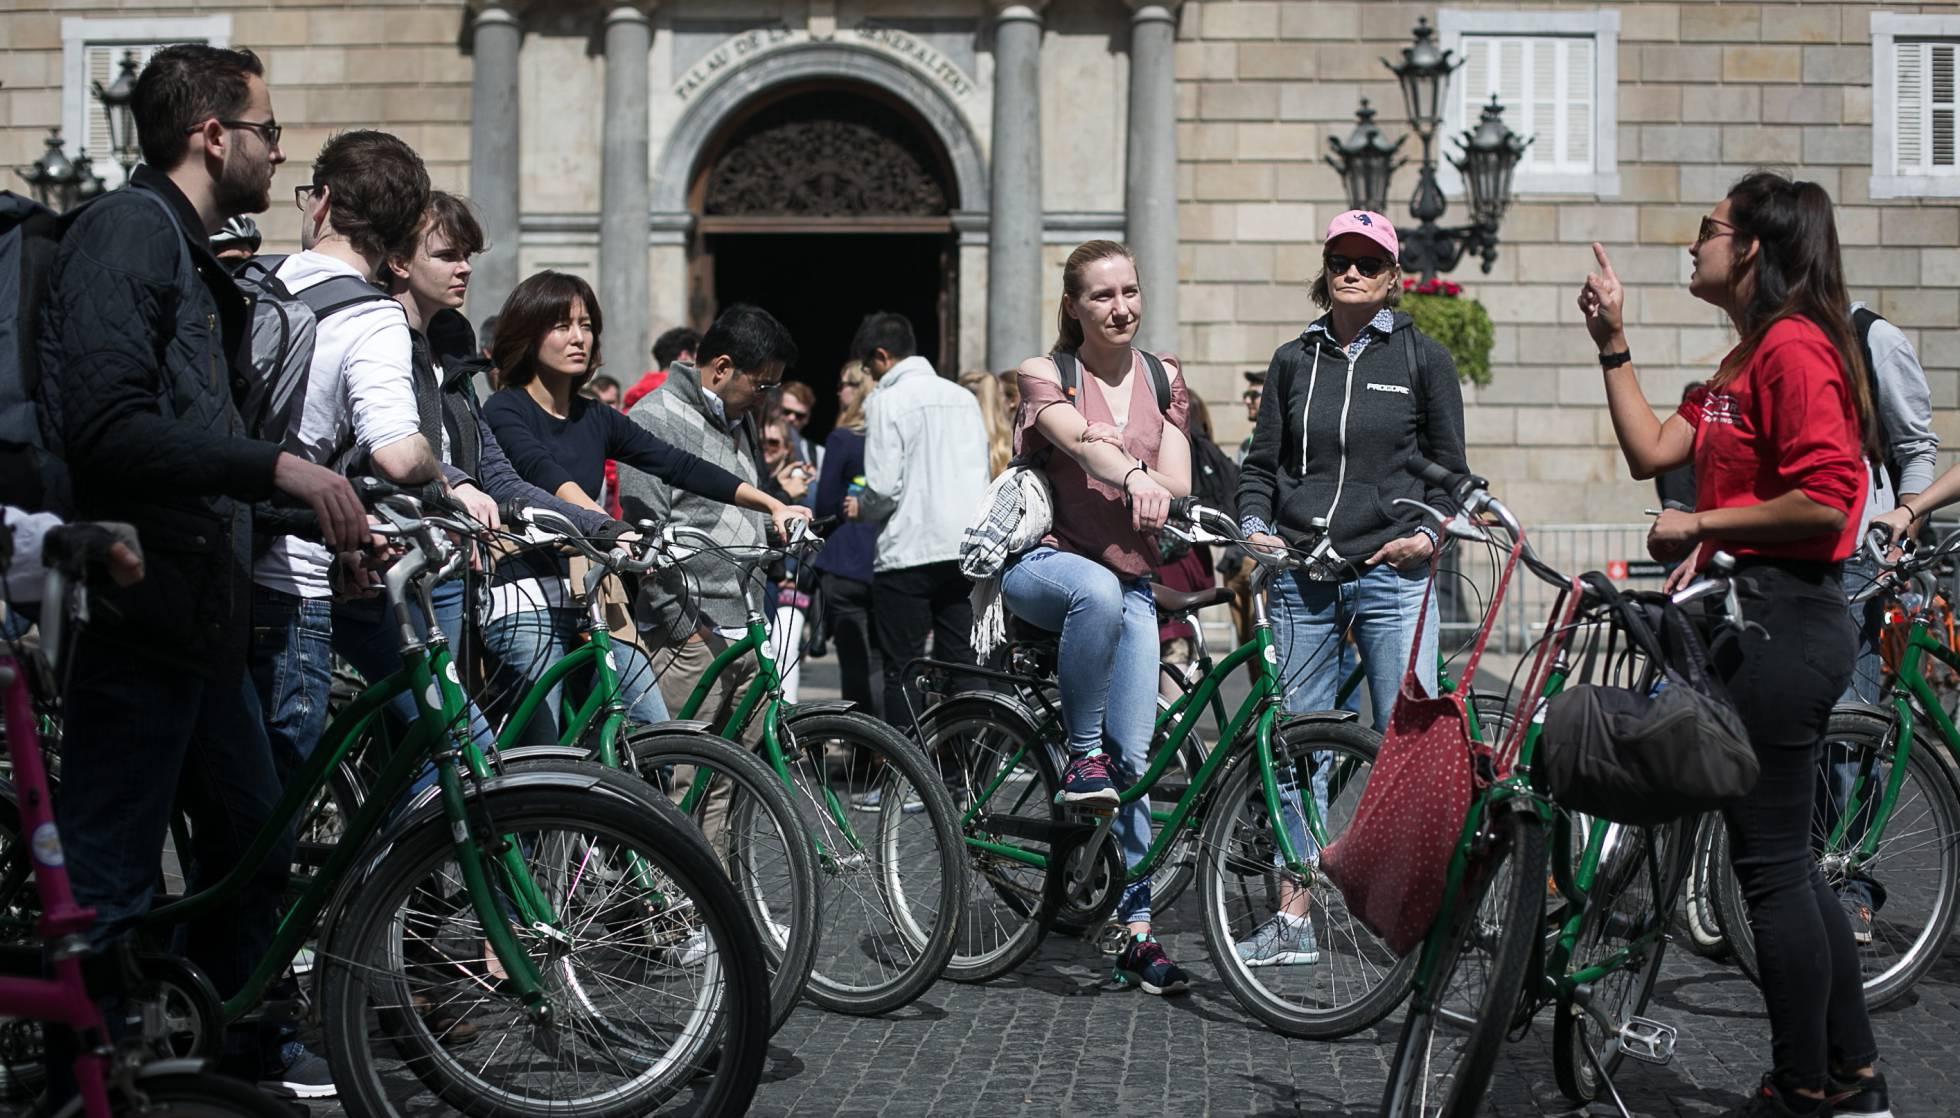 El turismo ya es el principal problema de Barcelona, según sus vecinos